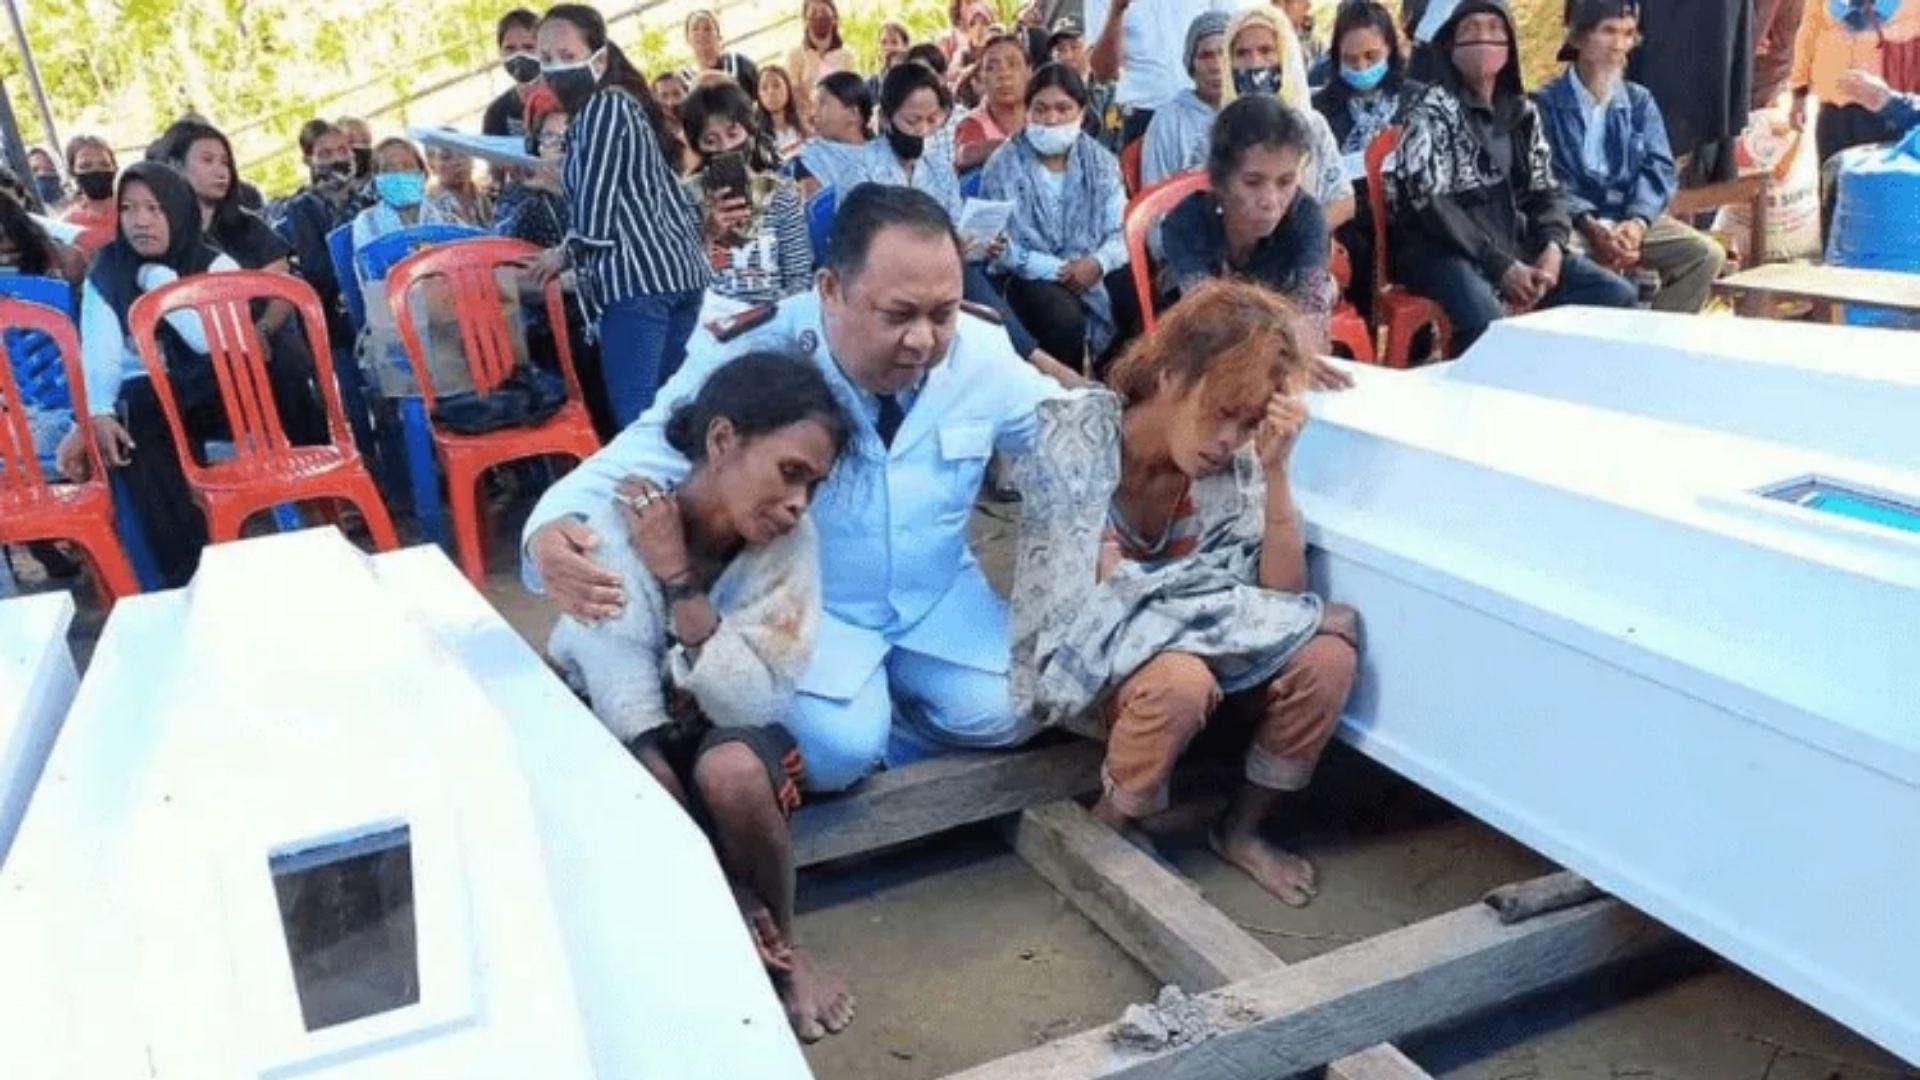 Cristãos são decapitados na Indonésia por extremistas islâmicos